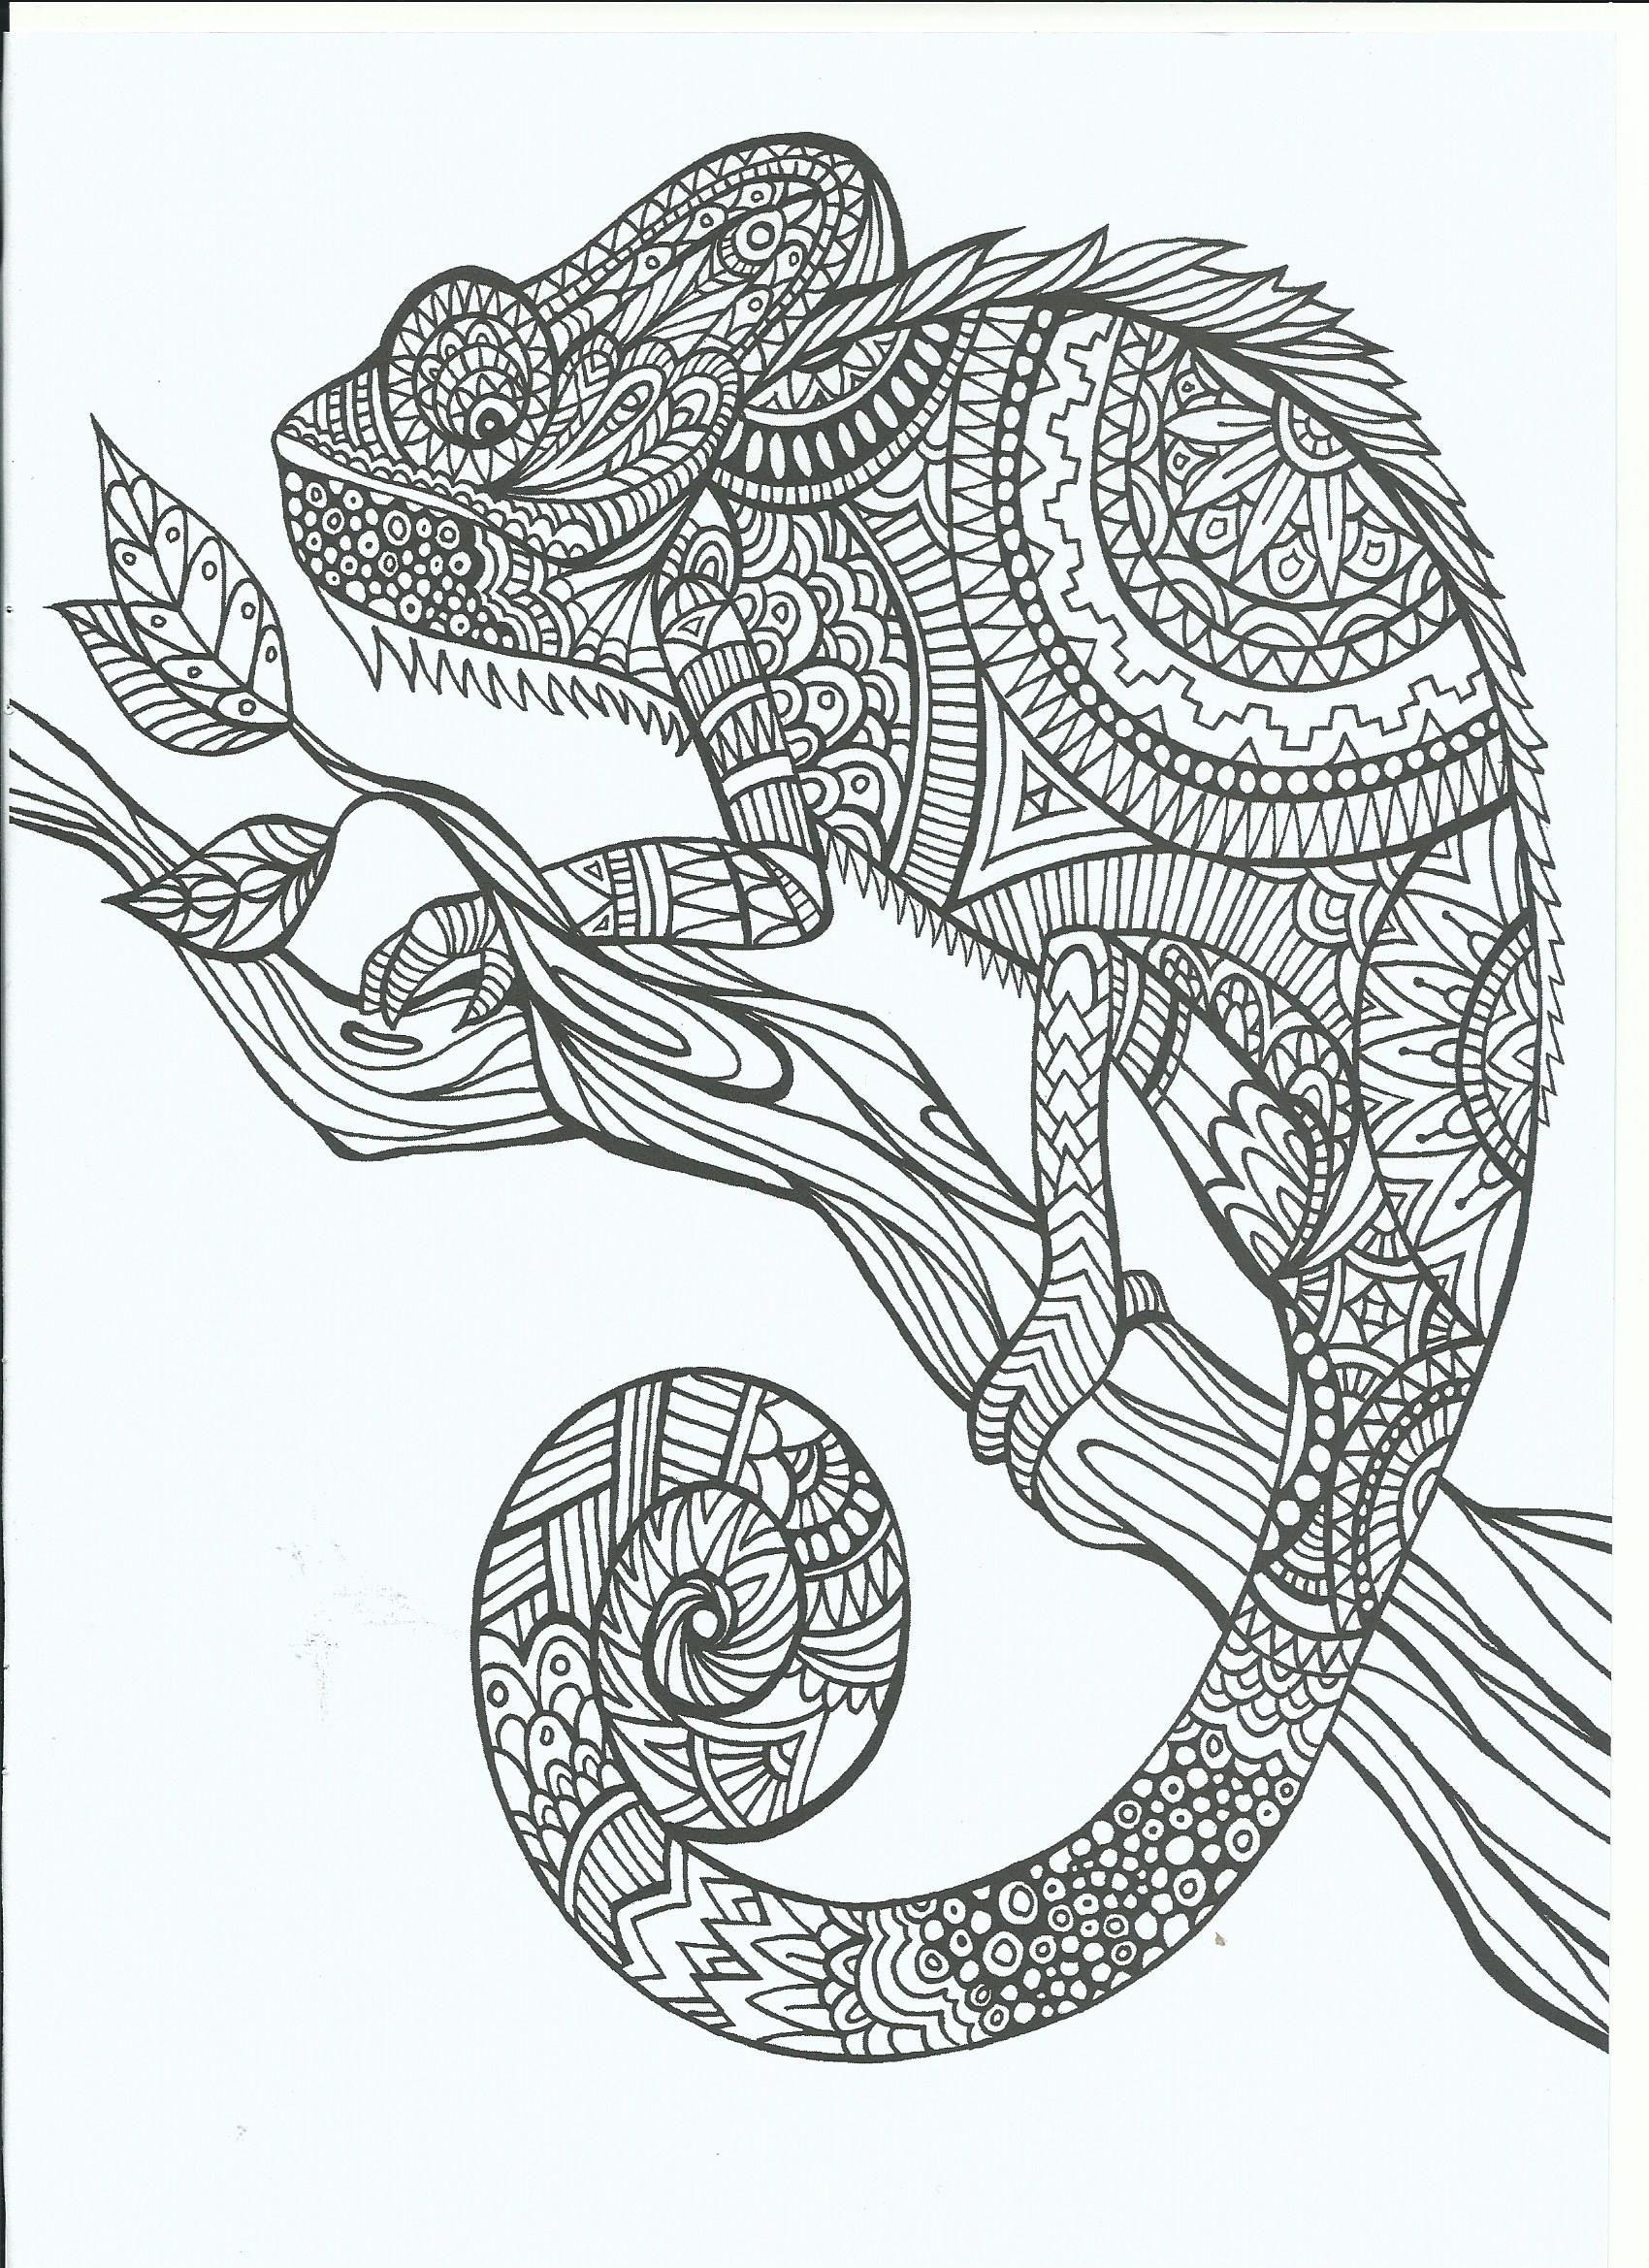 87 Aboriginal Lizard Cartoon Coloring Pages